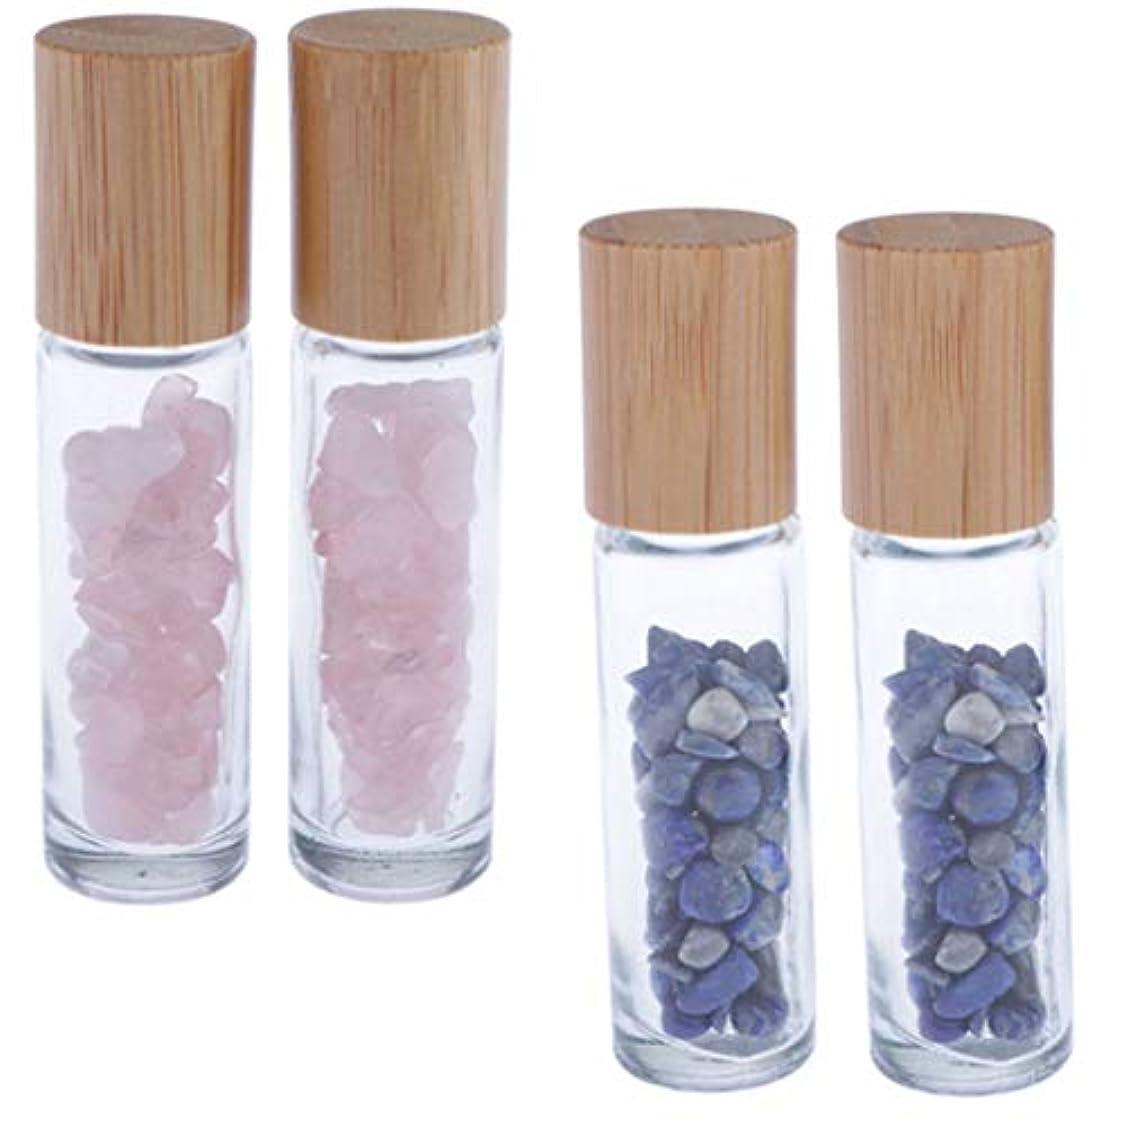 転送ステップ証拠Hellery 香水 ロールオン アトマイザー 小分け ガラスボトル 詰め替え エッセンシャルオイルボトル